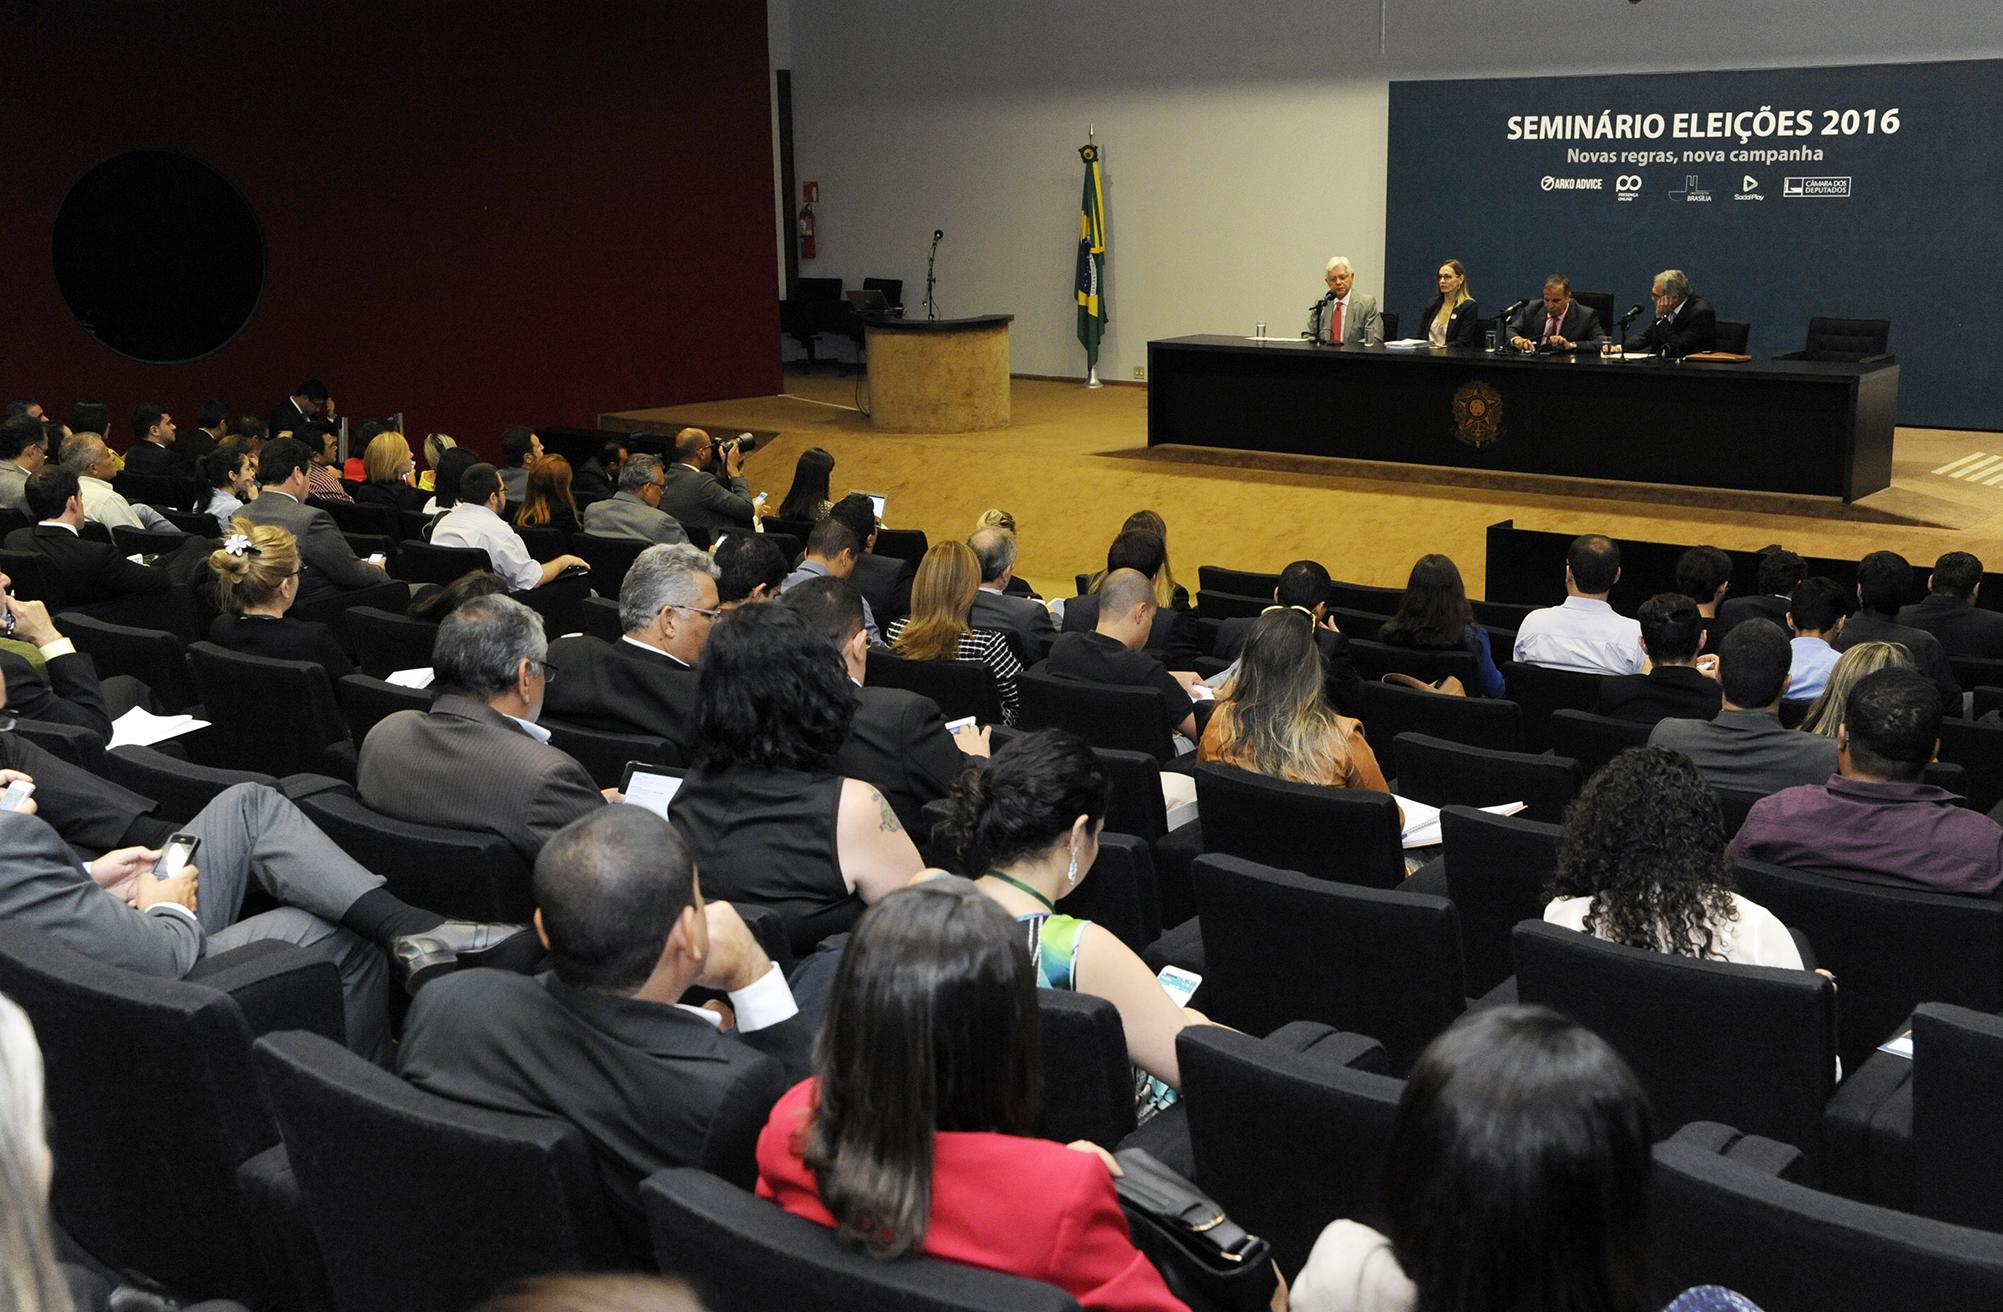 Seminário Eleições 2016: conjuntura e regras